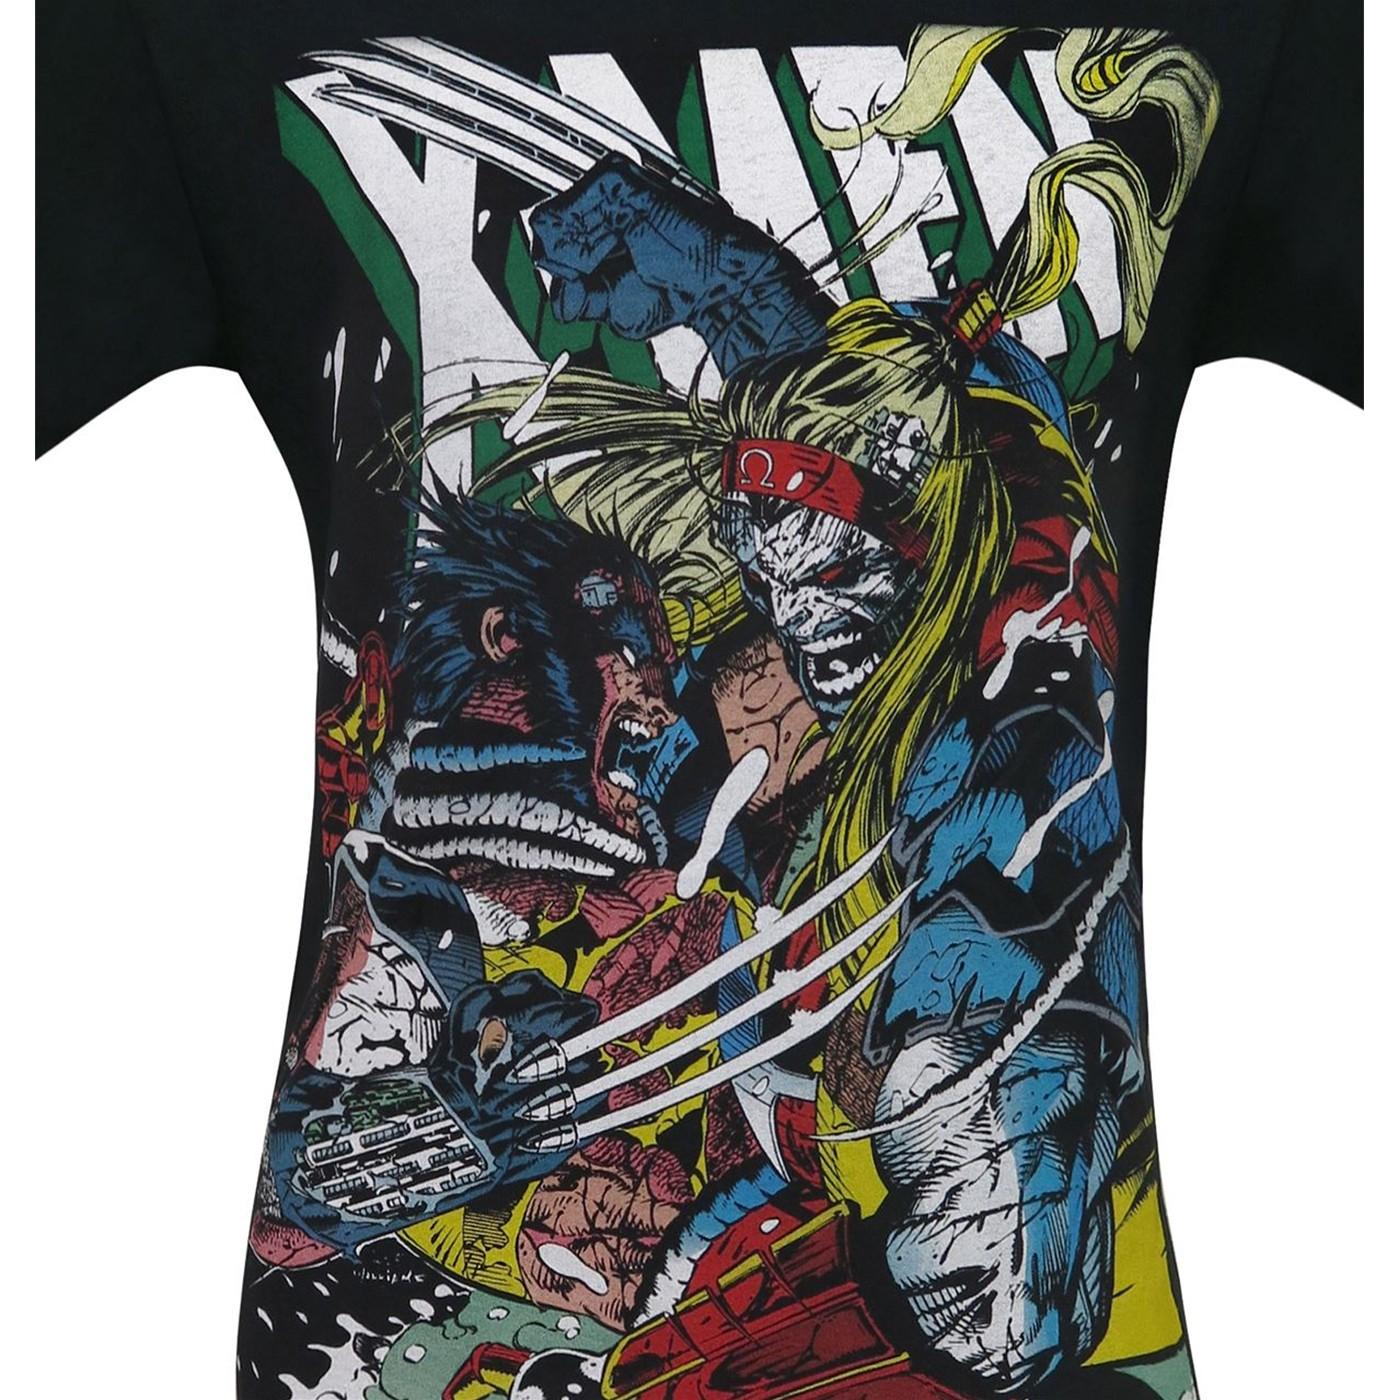 X-Men Wolverine Vs Omega Red Men's T-Shirt